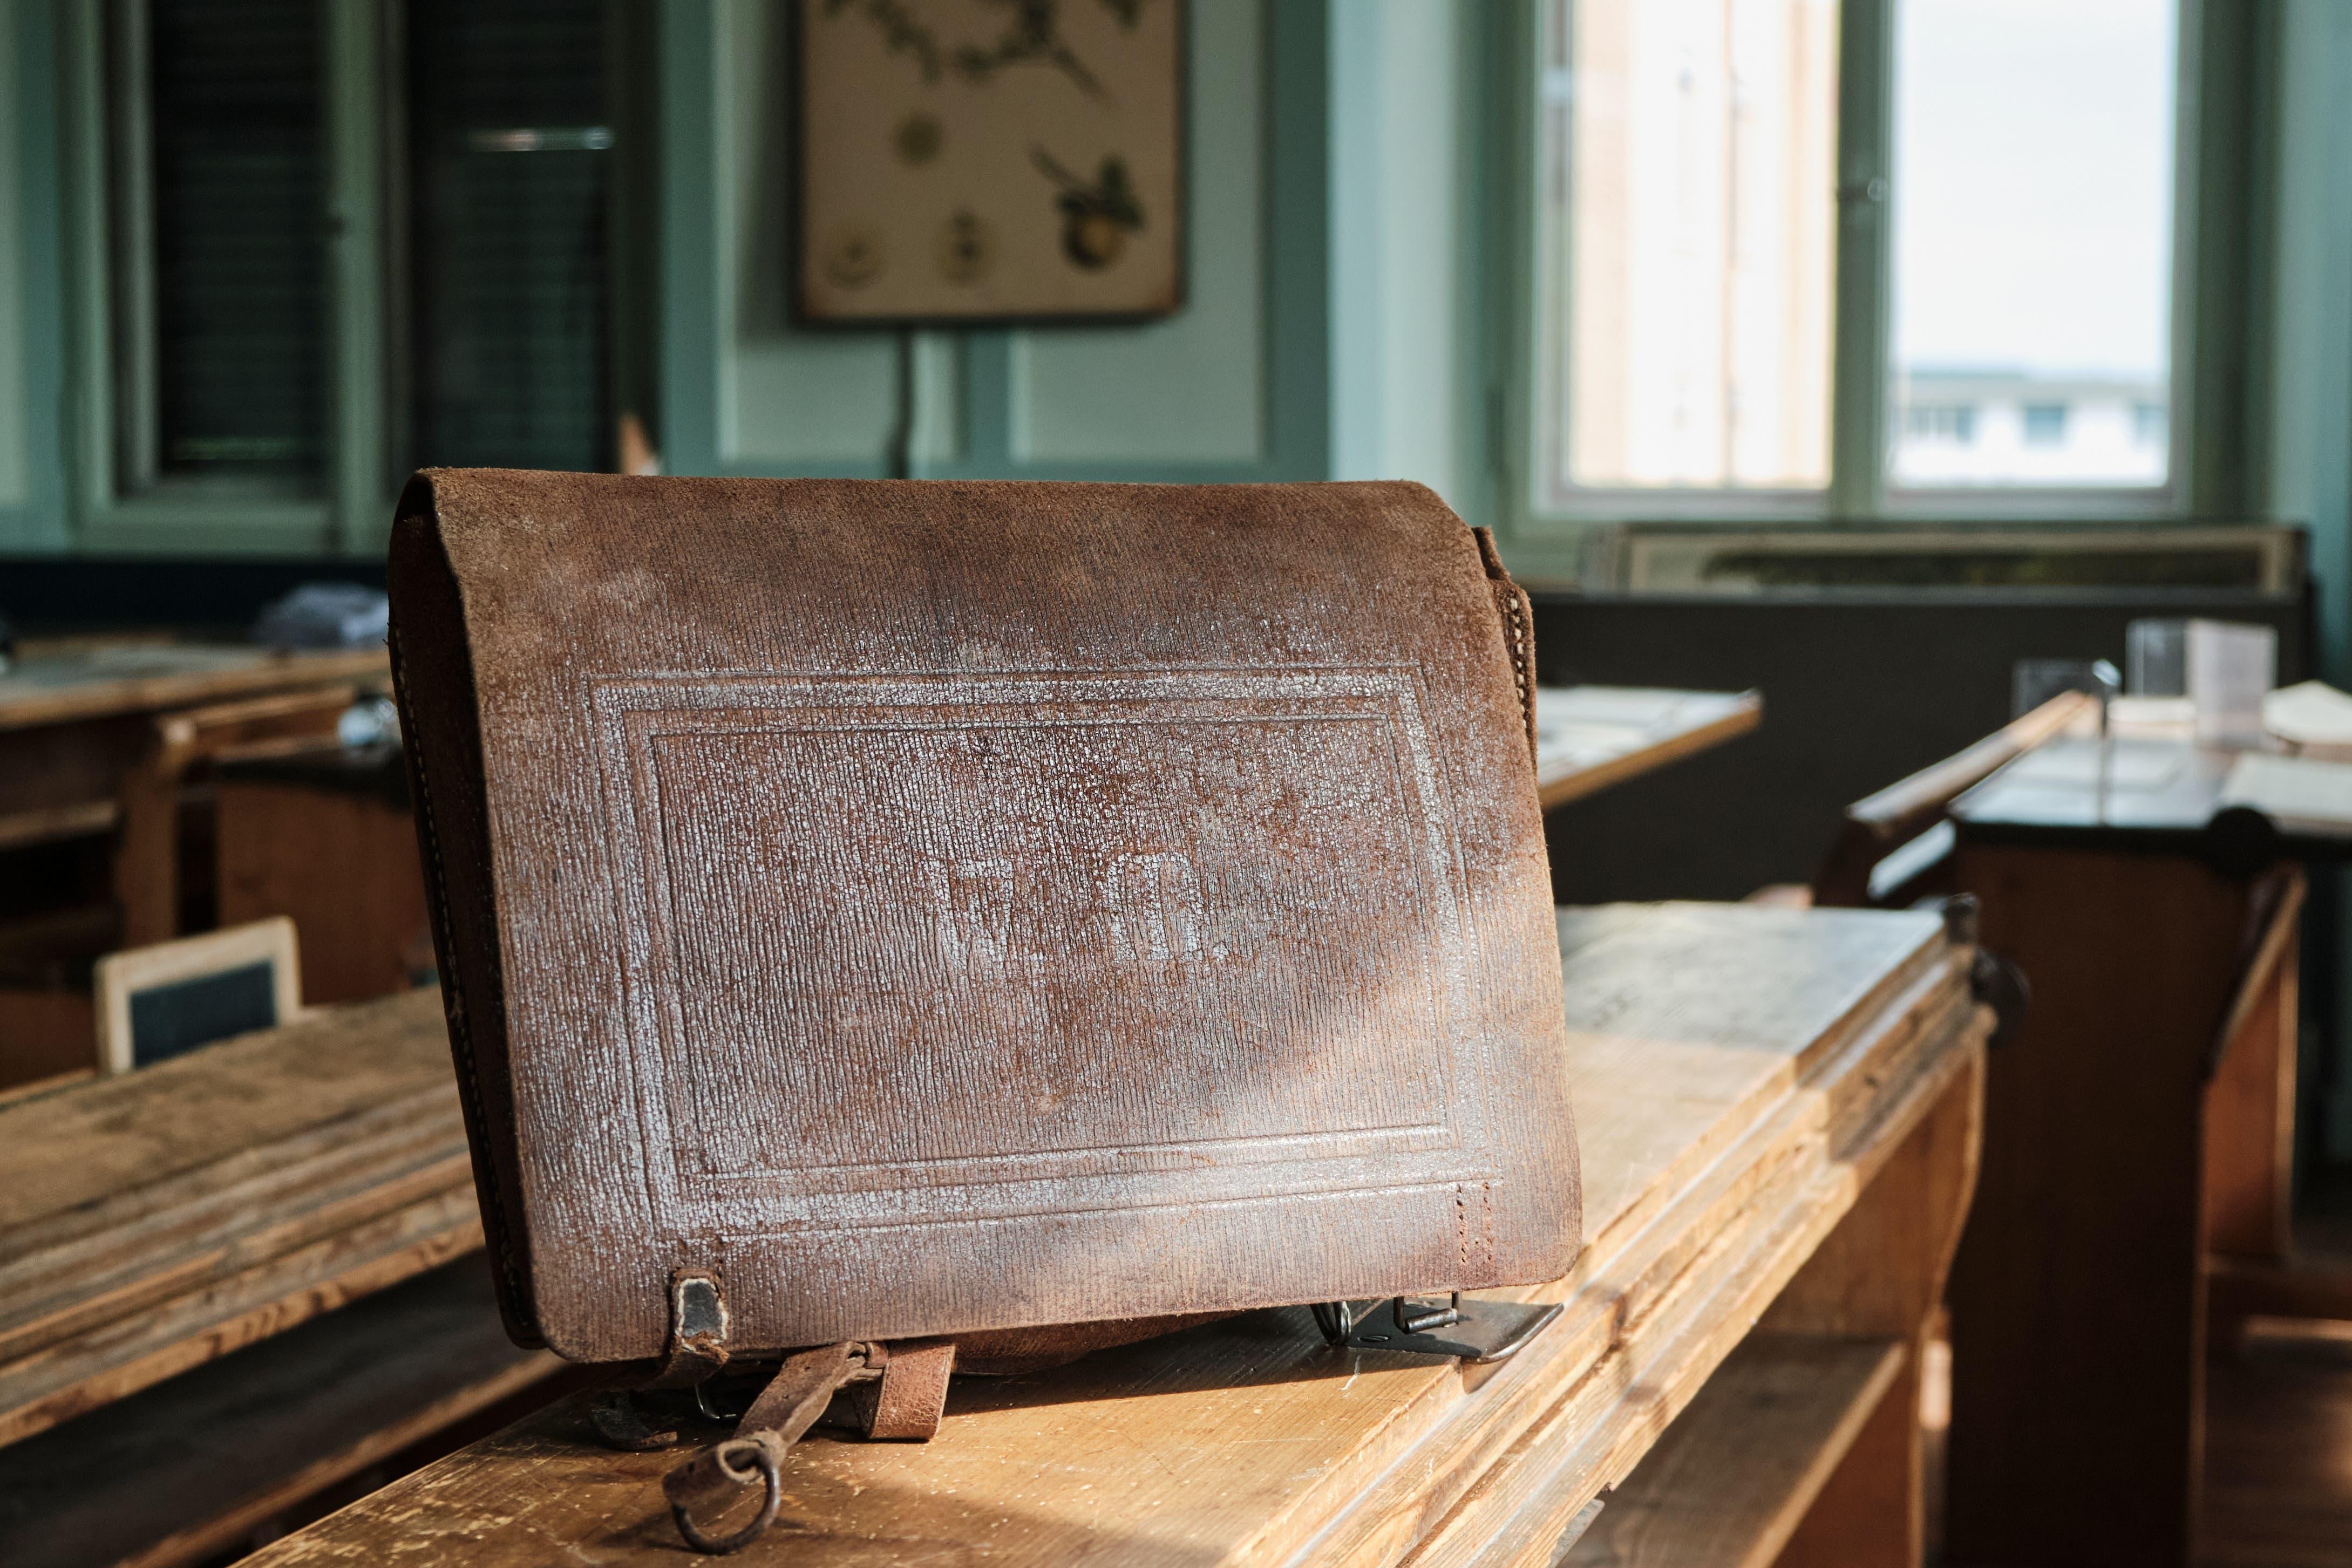 Ein klassischer Bubenthek mit langer Lasche, ebenfalls aus den 1920er-Jahren. Die Lasche ist mit einer Prägung «W.M.» versehen, vermutlich das Kürzel für den Hersteller.